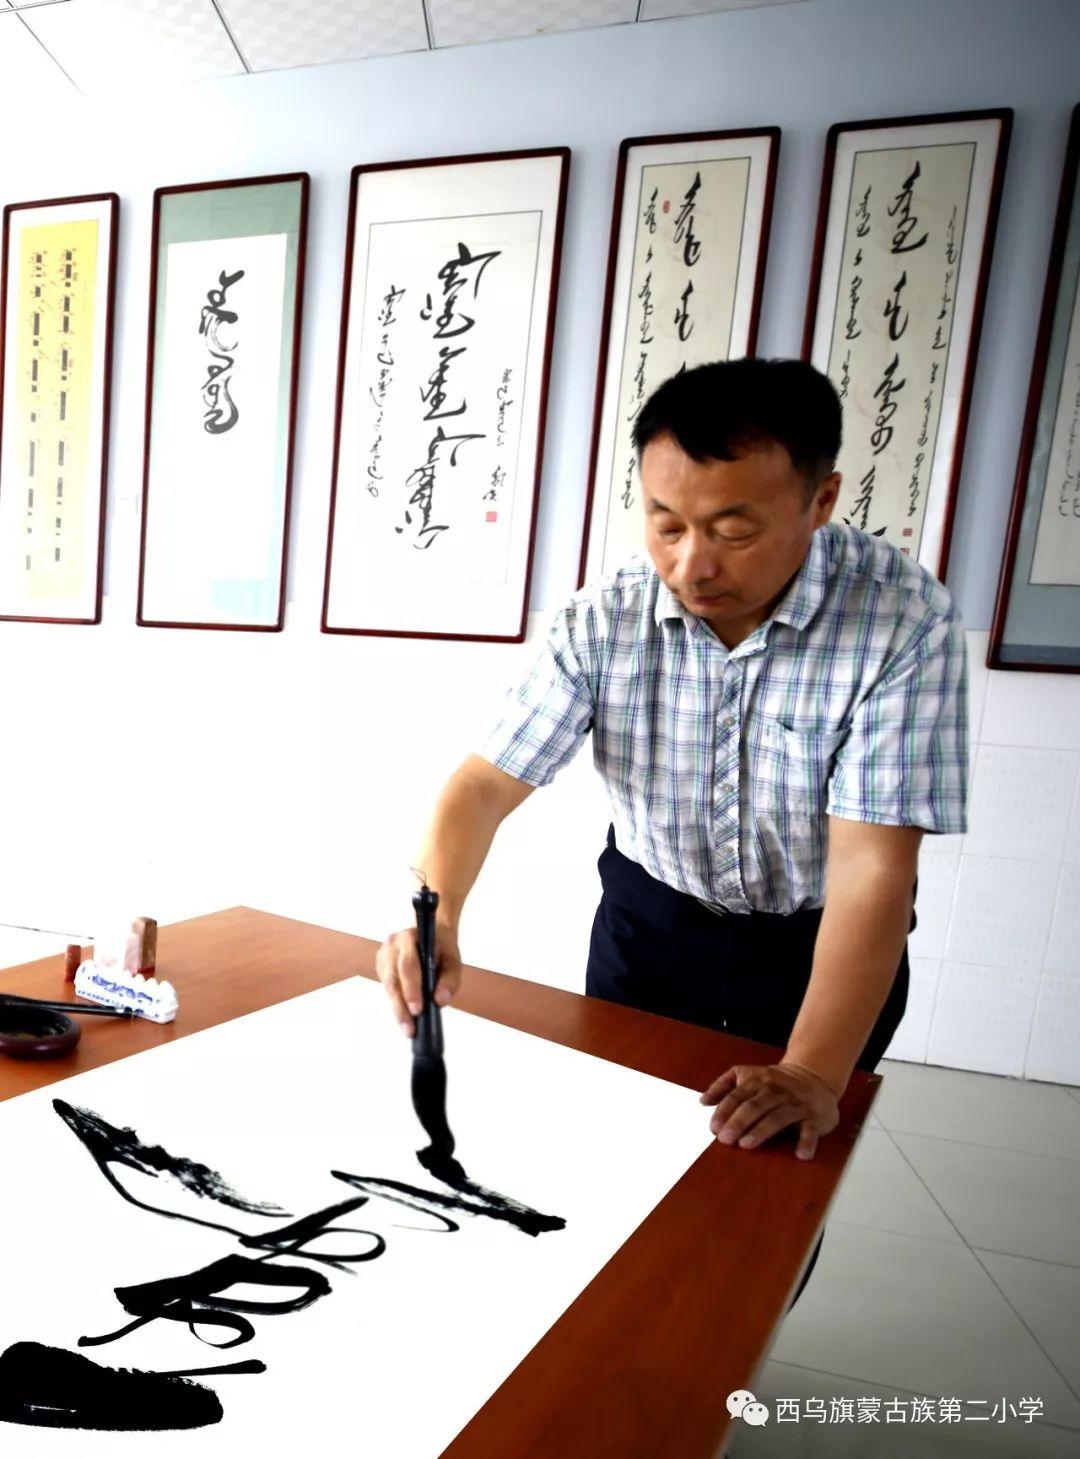 【乌珠穆沁】— 宝音陶格陶个人蒙古文书法展圆满结束 第4张